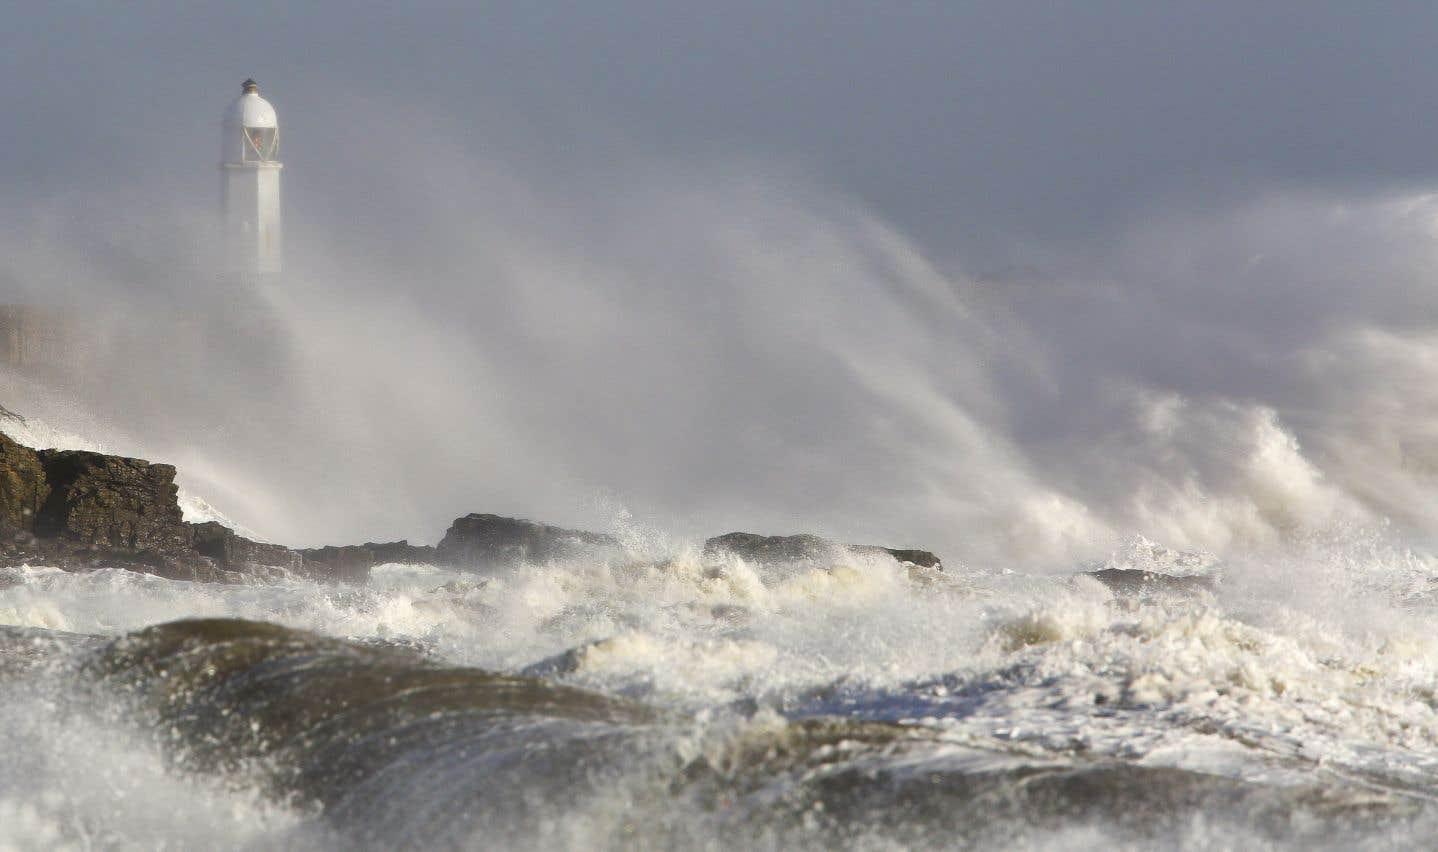 Face aux «risques mortels» entraînés par les vents violents, les autorités ont fermé toutes les écoles, de nombreux services publics, transports et commerces, enjoignant aux habitants de rester confinés chez eux.